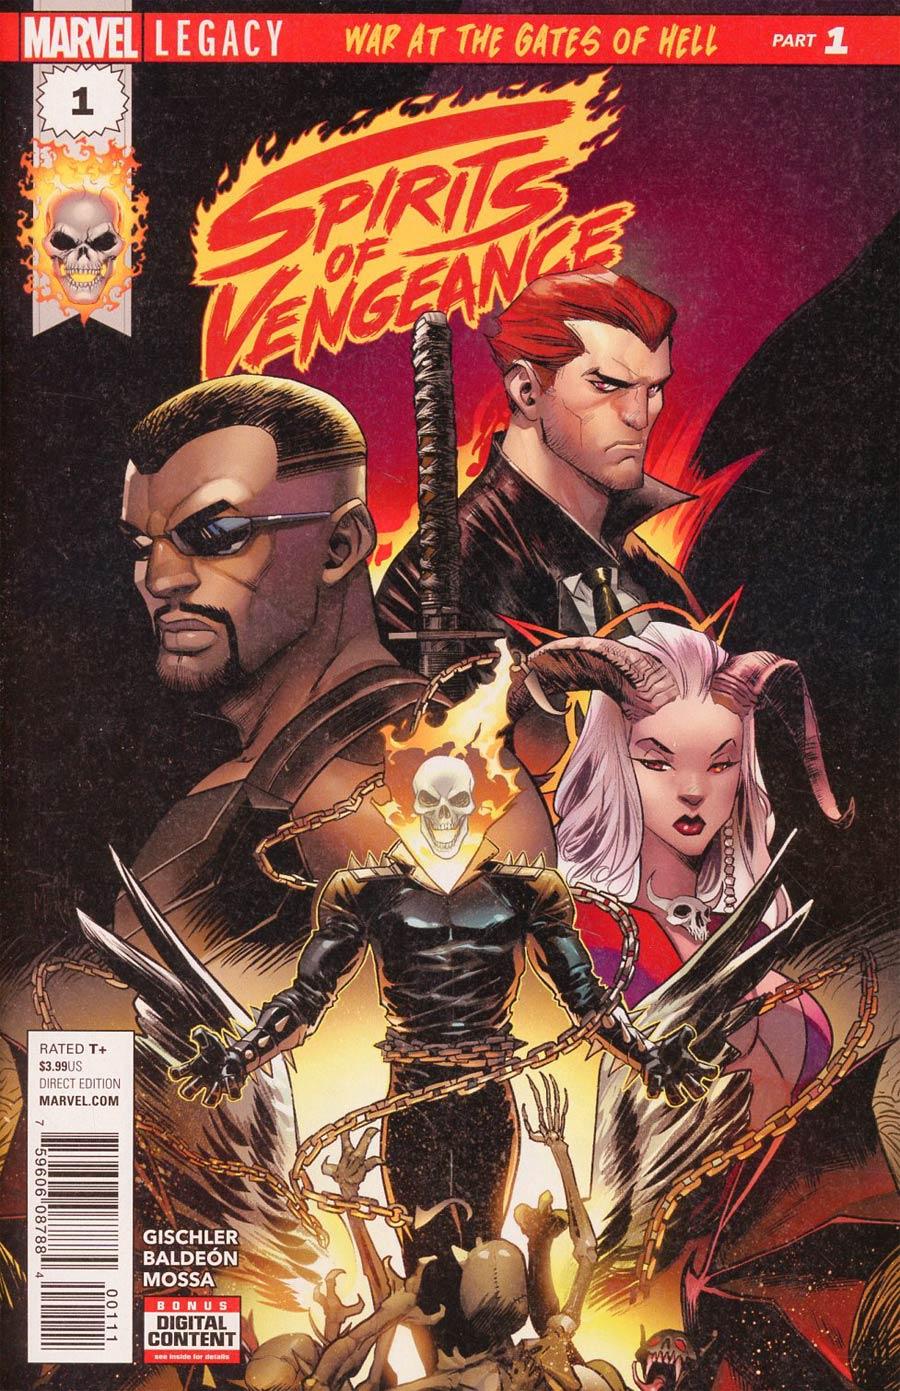 Spirits Of Vengeance #1 Cover A 1st Ptg Regular Dan Mora Cover (Marvel Legacy Tie-In)